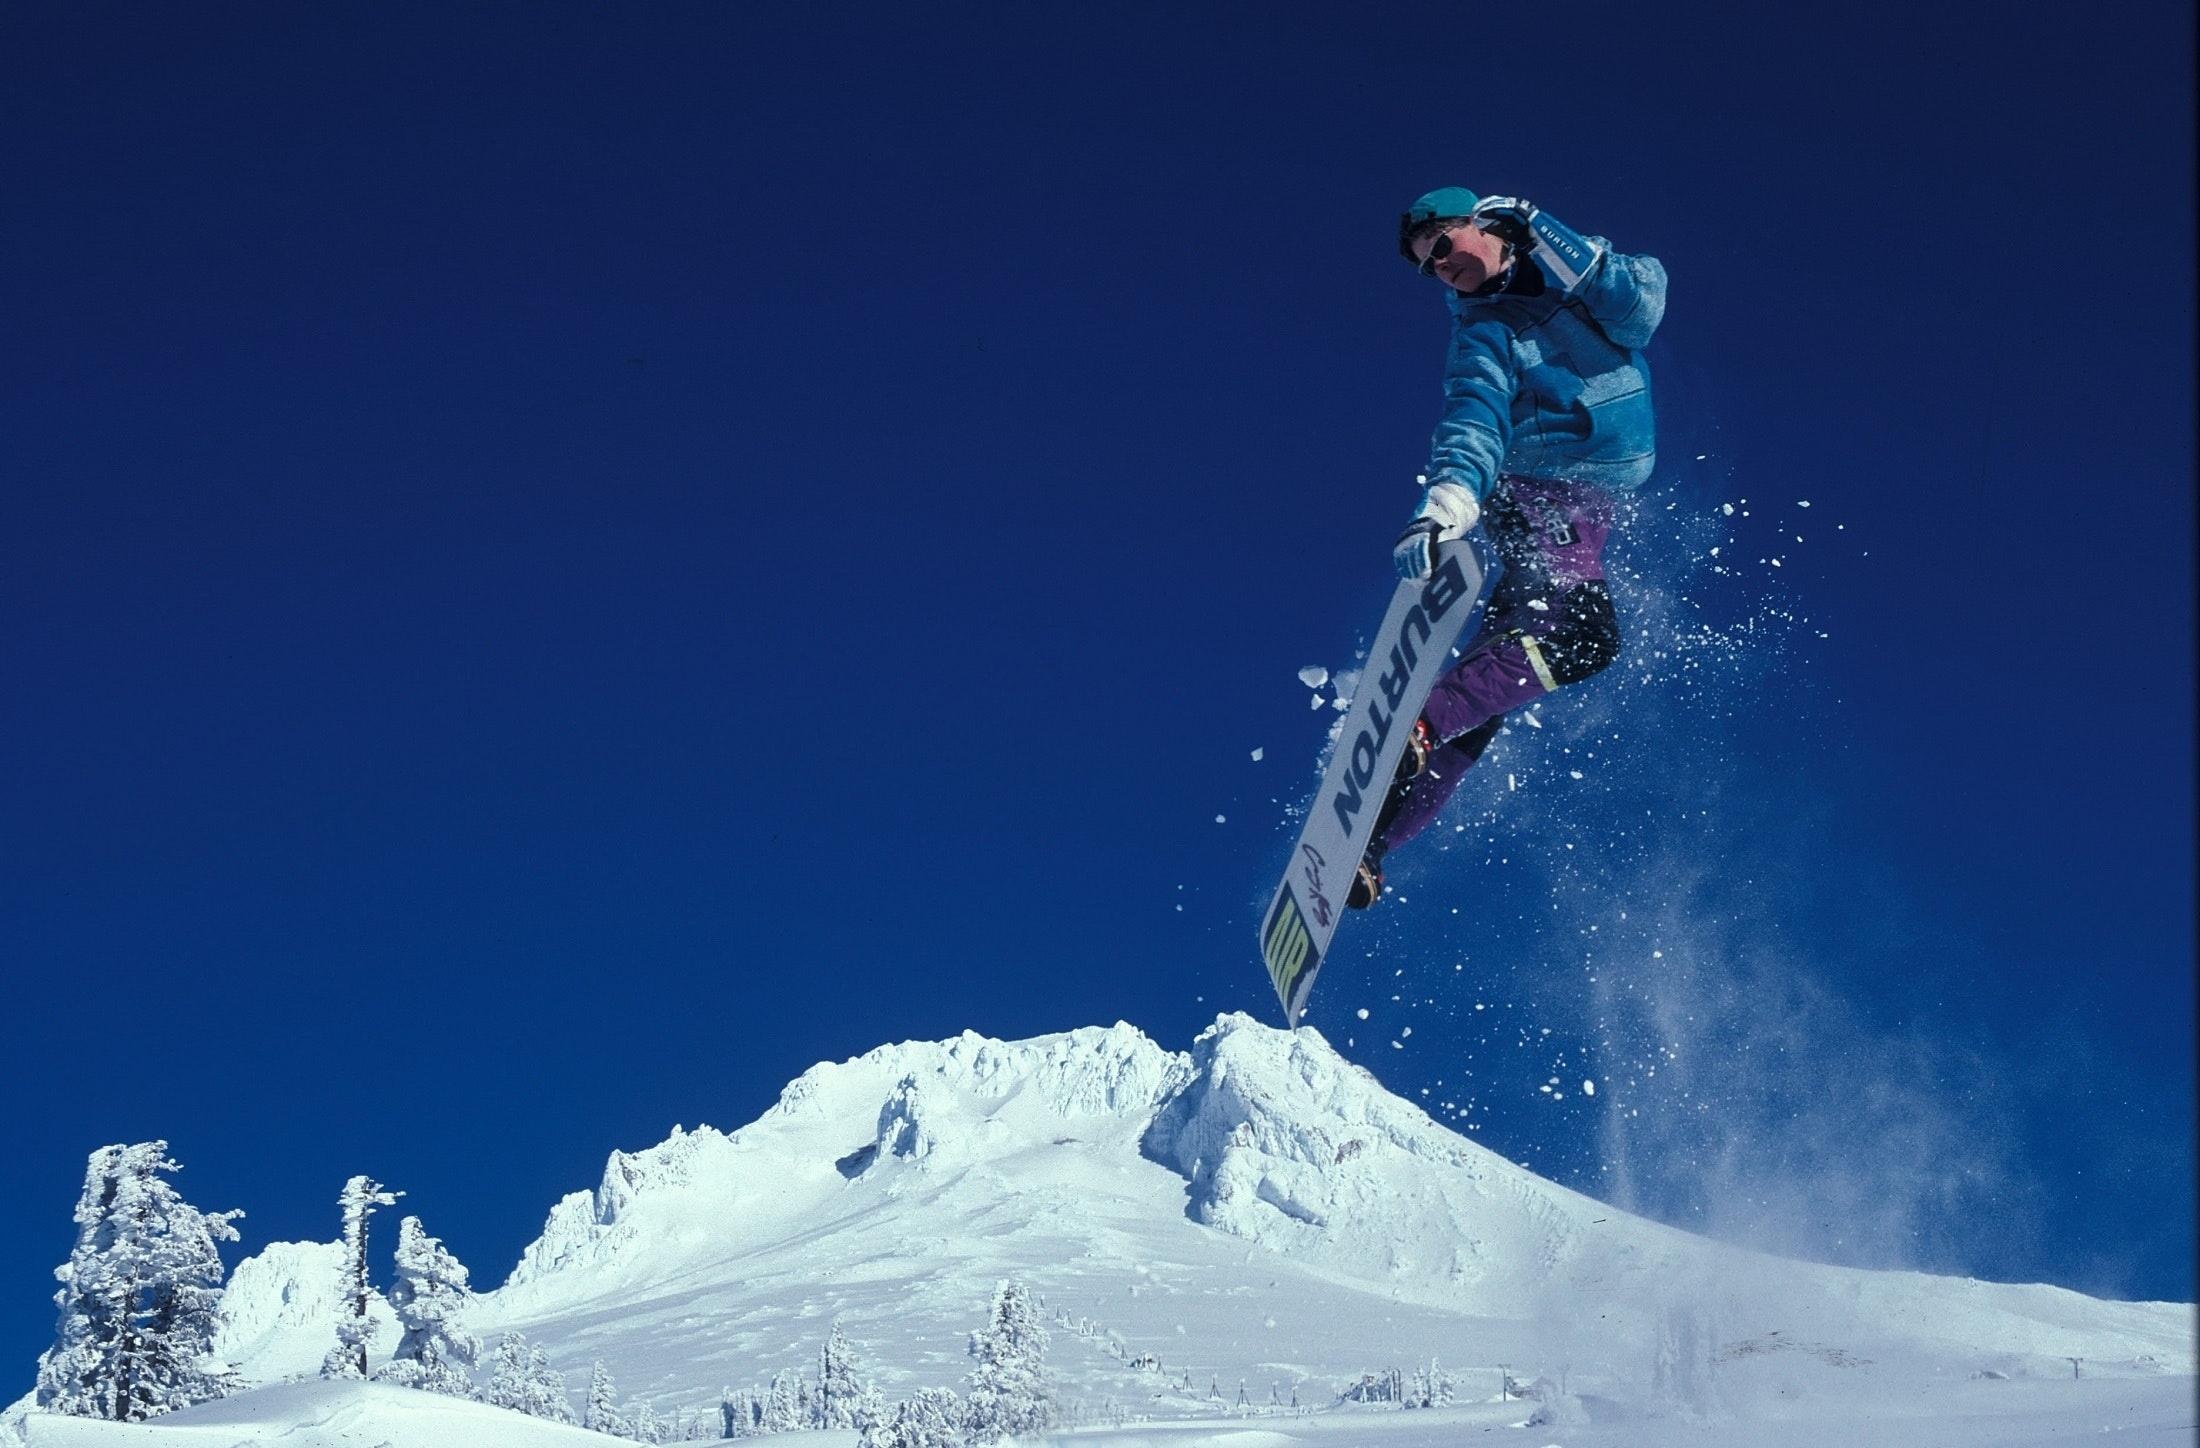 Skirurlaub - schon an die Unfallversicherung gedacht?